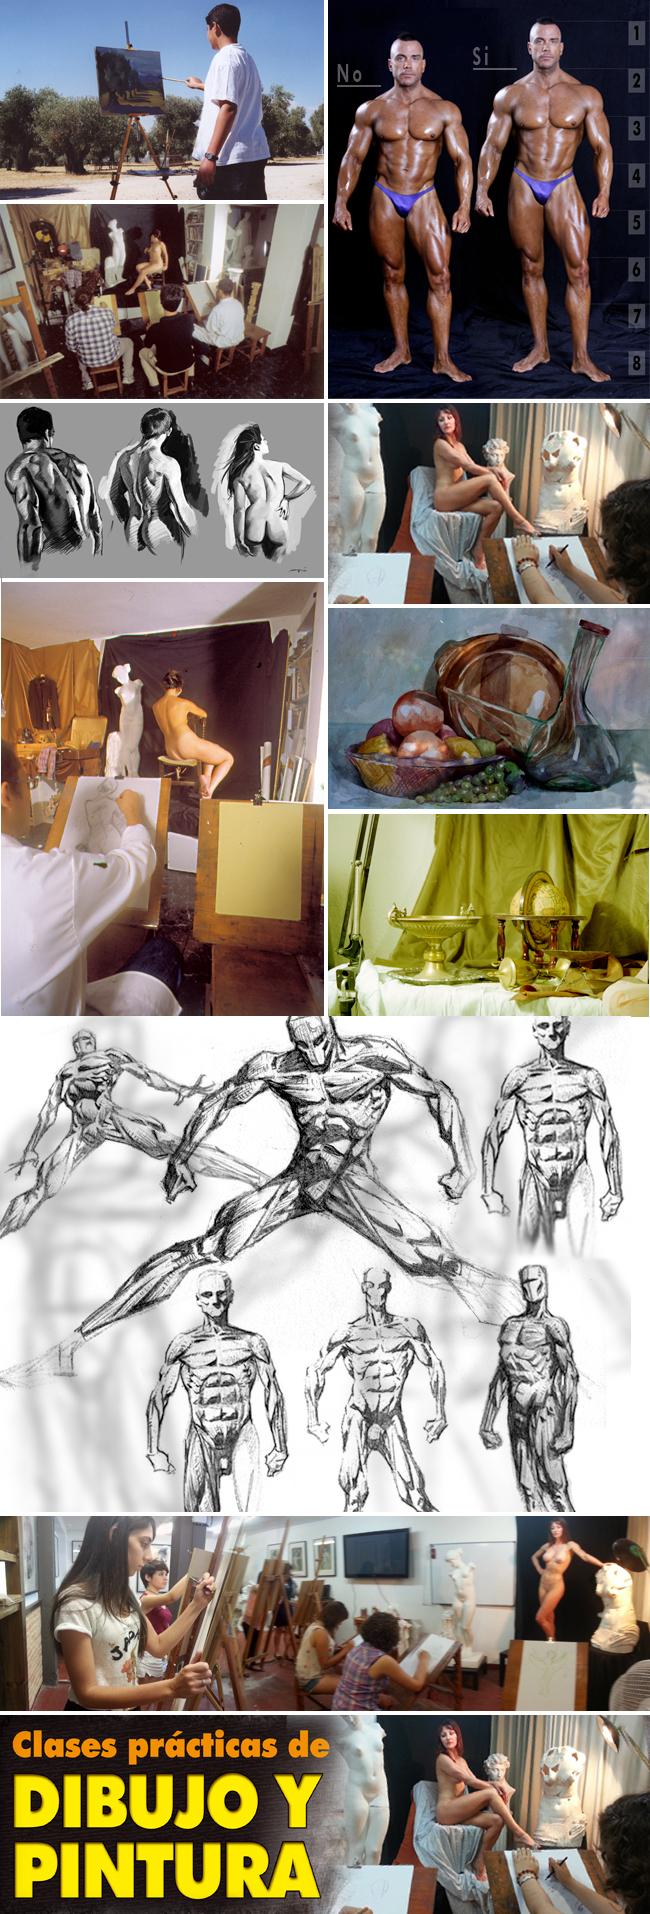 dibujo-bellas-artes-artes-y-oficios-pintura-tradicional-clasica-clases-cursos-profesionales-academia-c10-madrid-anatomia3